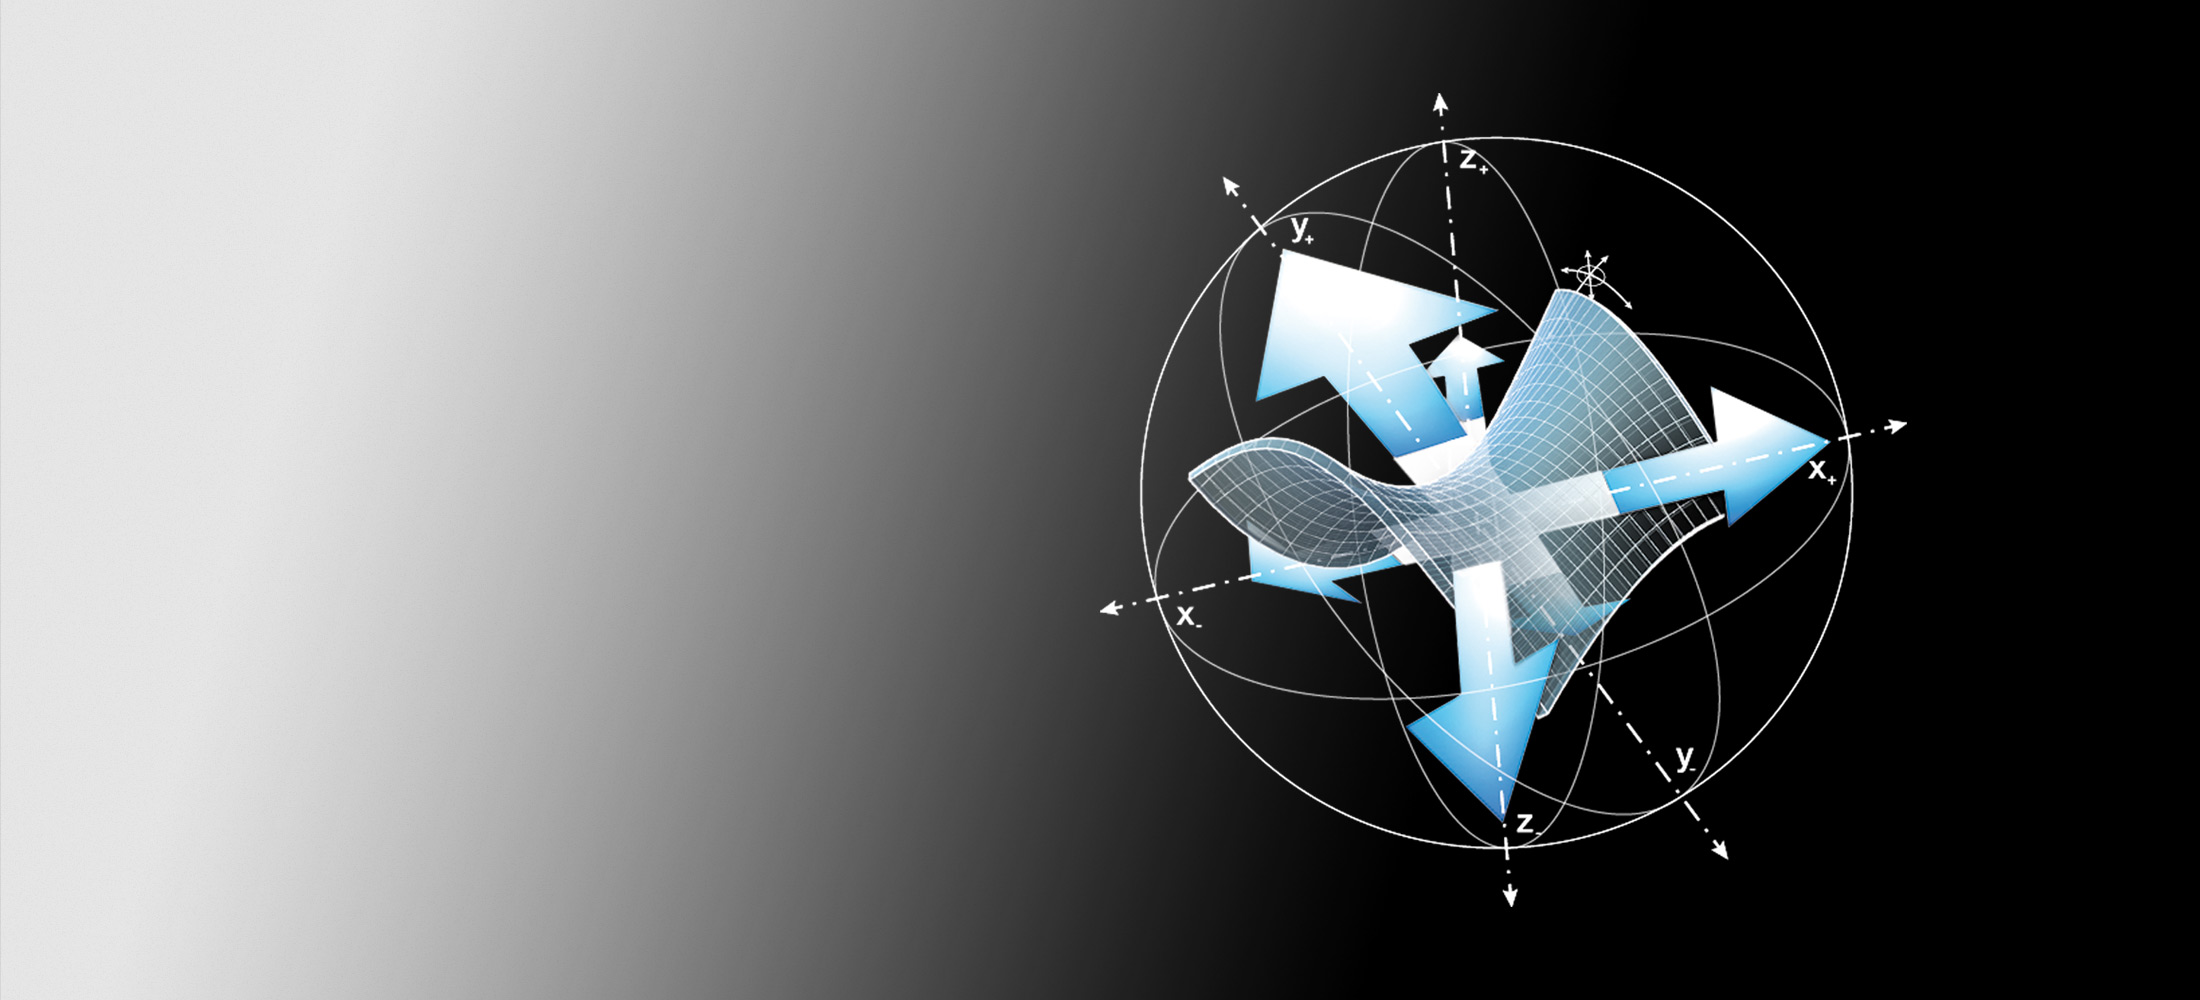 6-Dimensional Elasticity